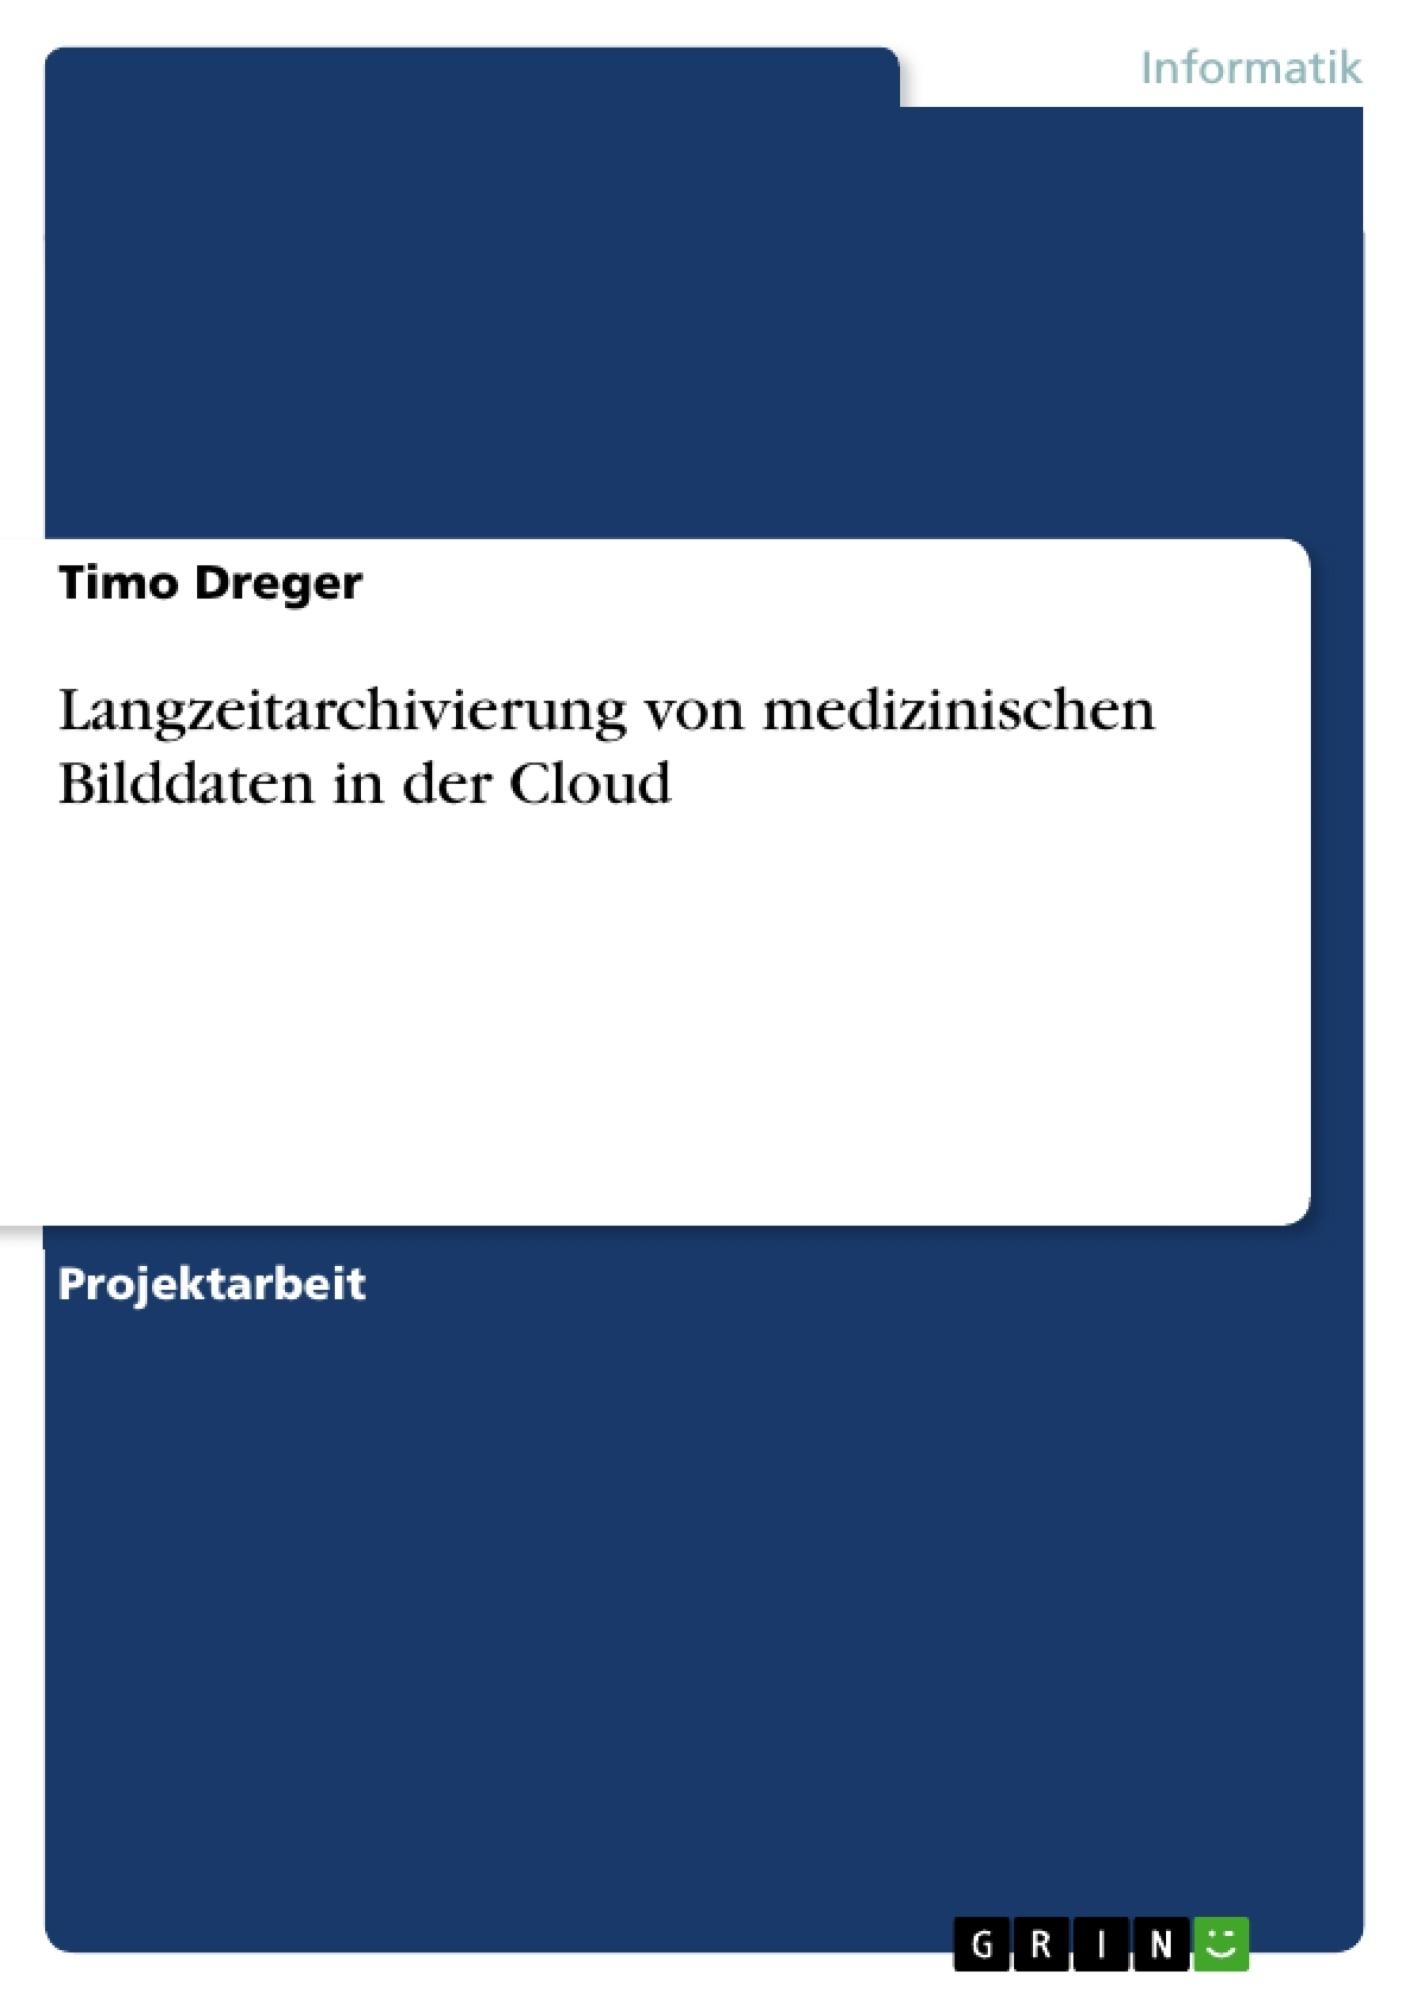 Titel: Langzeitarchivierung von medizinischen Bilddaten in der Cloud